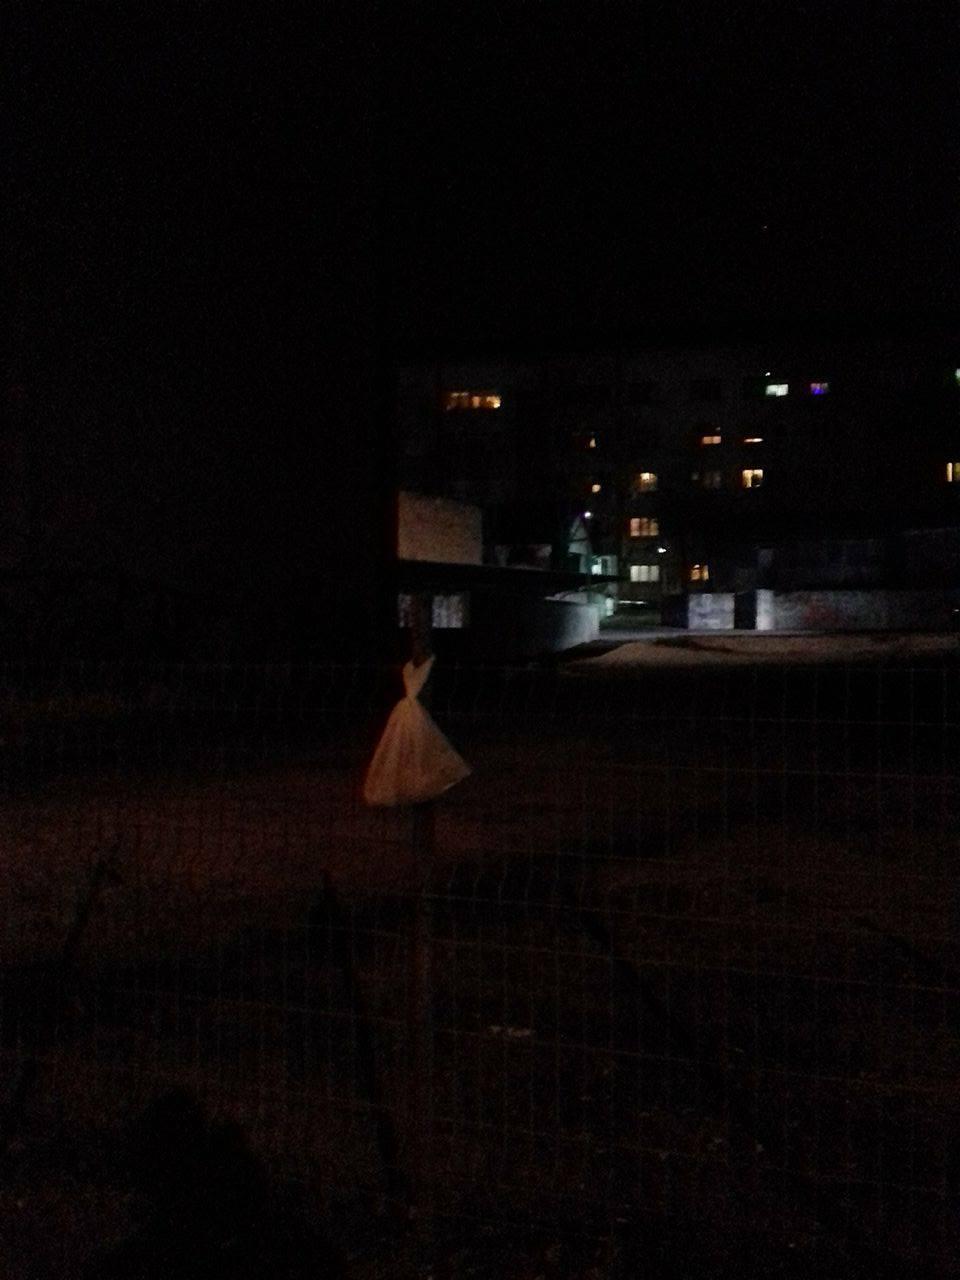 Мистериозна девојка оставља кесу са храном за бескућнике Фото: Београдске.рс